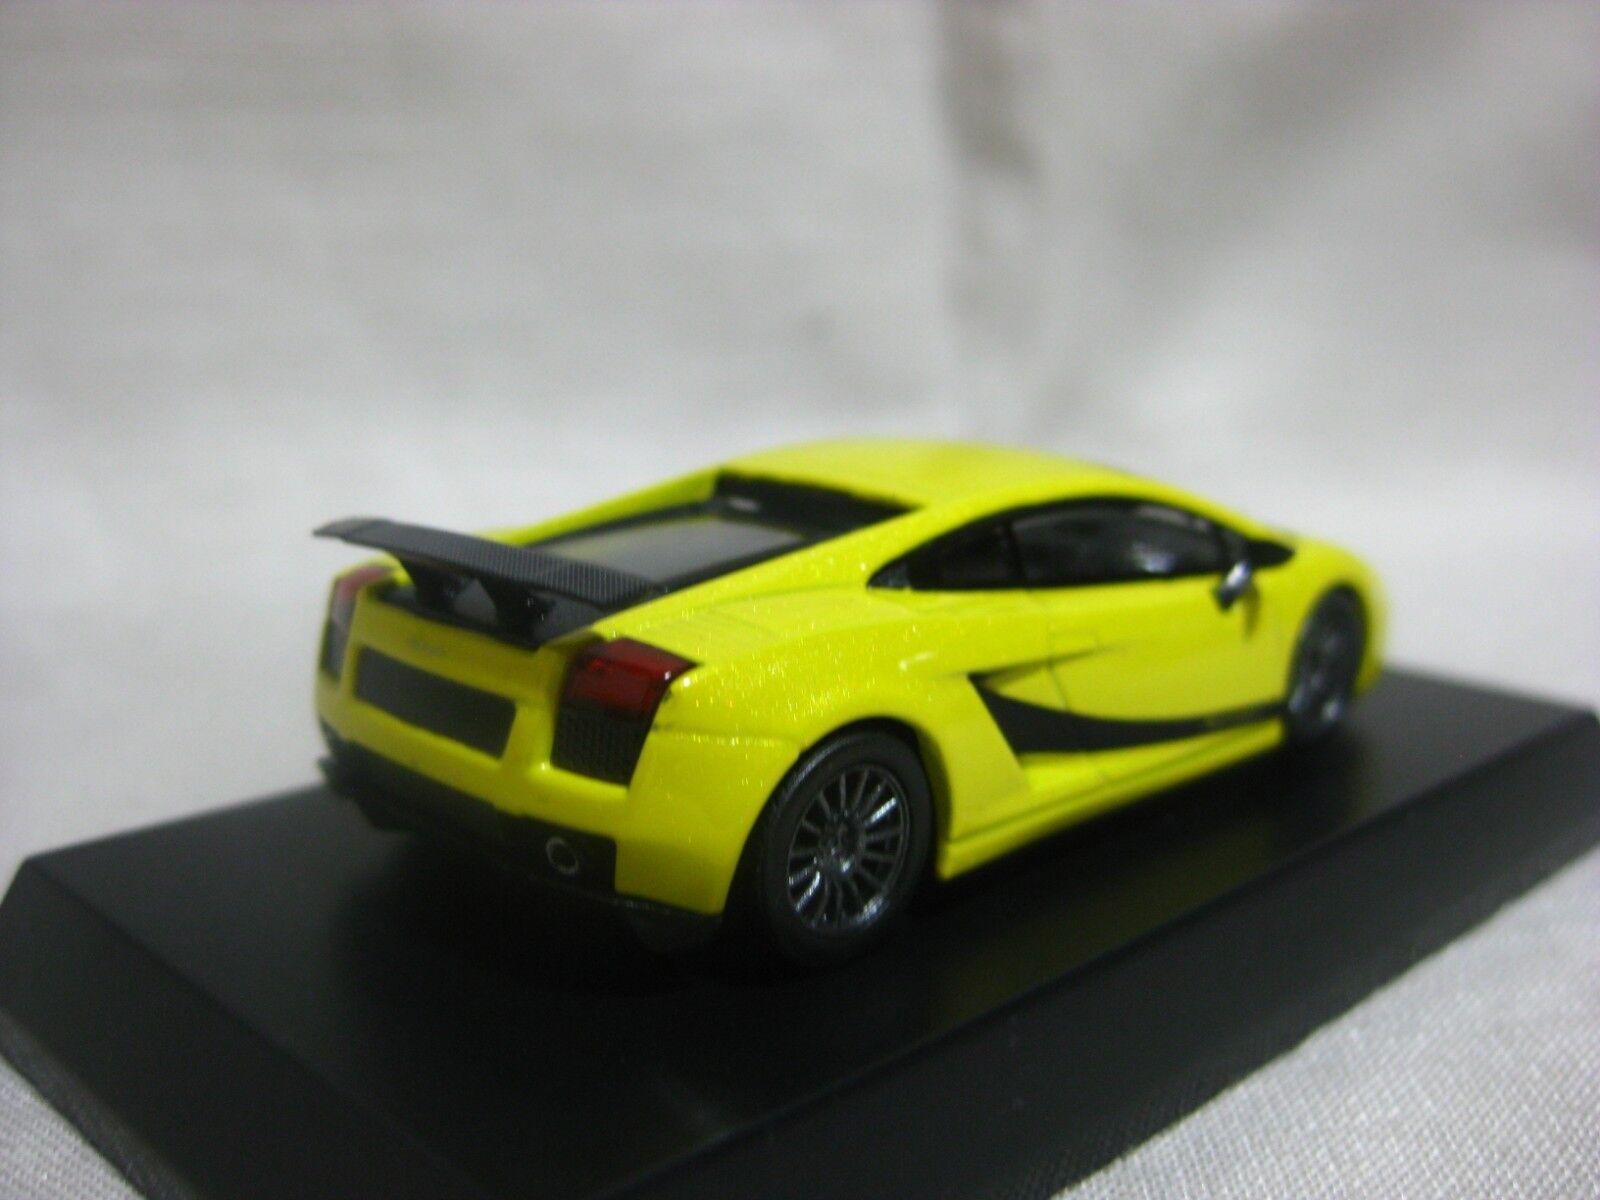 1 64 Kyosho Lamborghini Gallardo Superleggera Yellow Diecast Model Car Car Car ccbe72